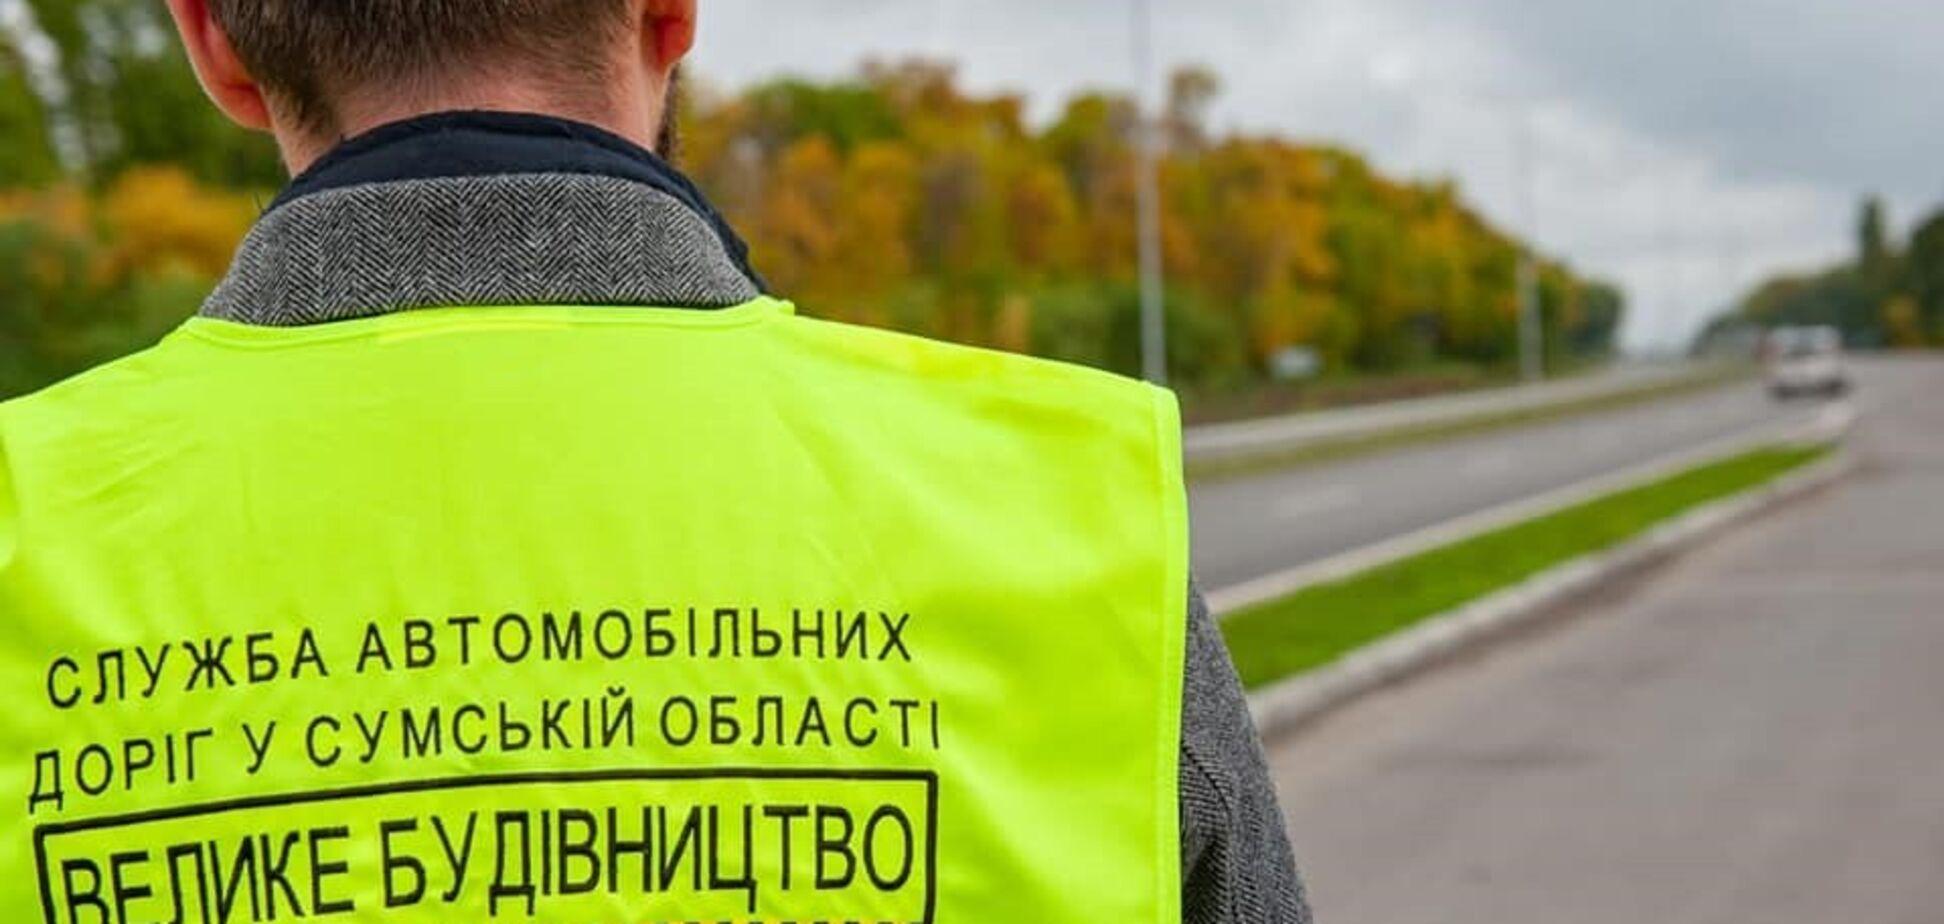 Біля Сум за програмою Зеленського починається 'Велике будівництво' об'їзної дороги